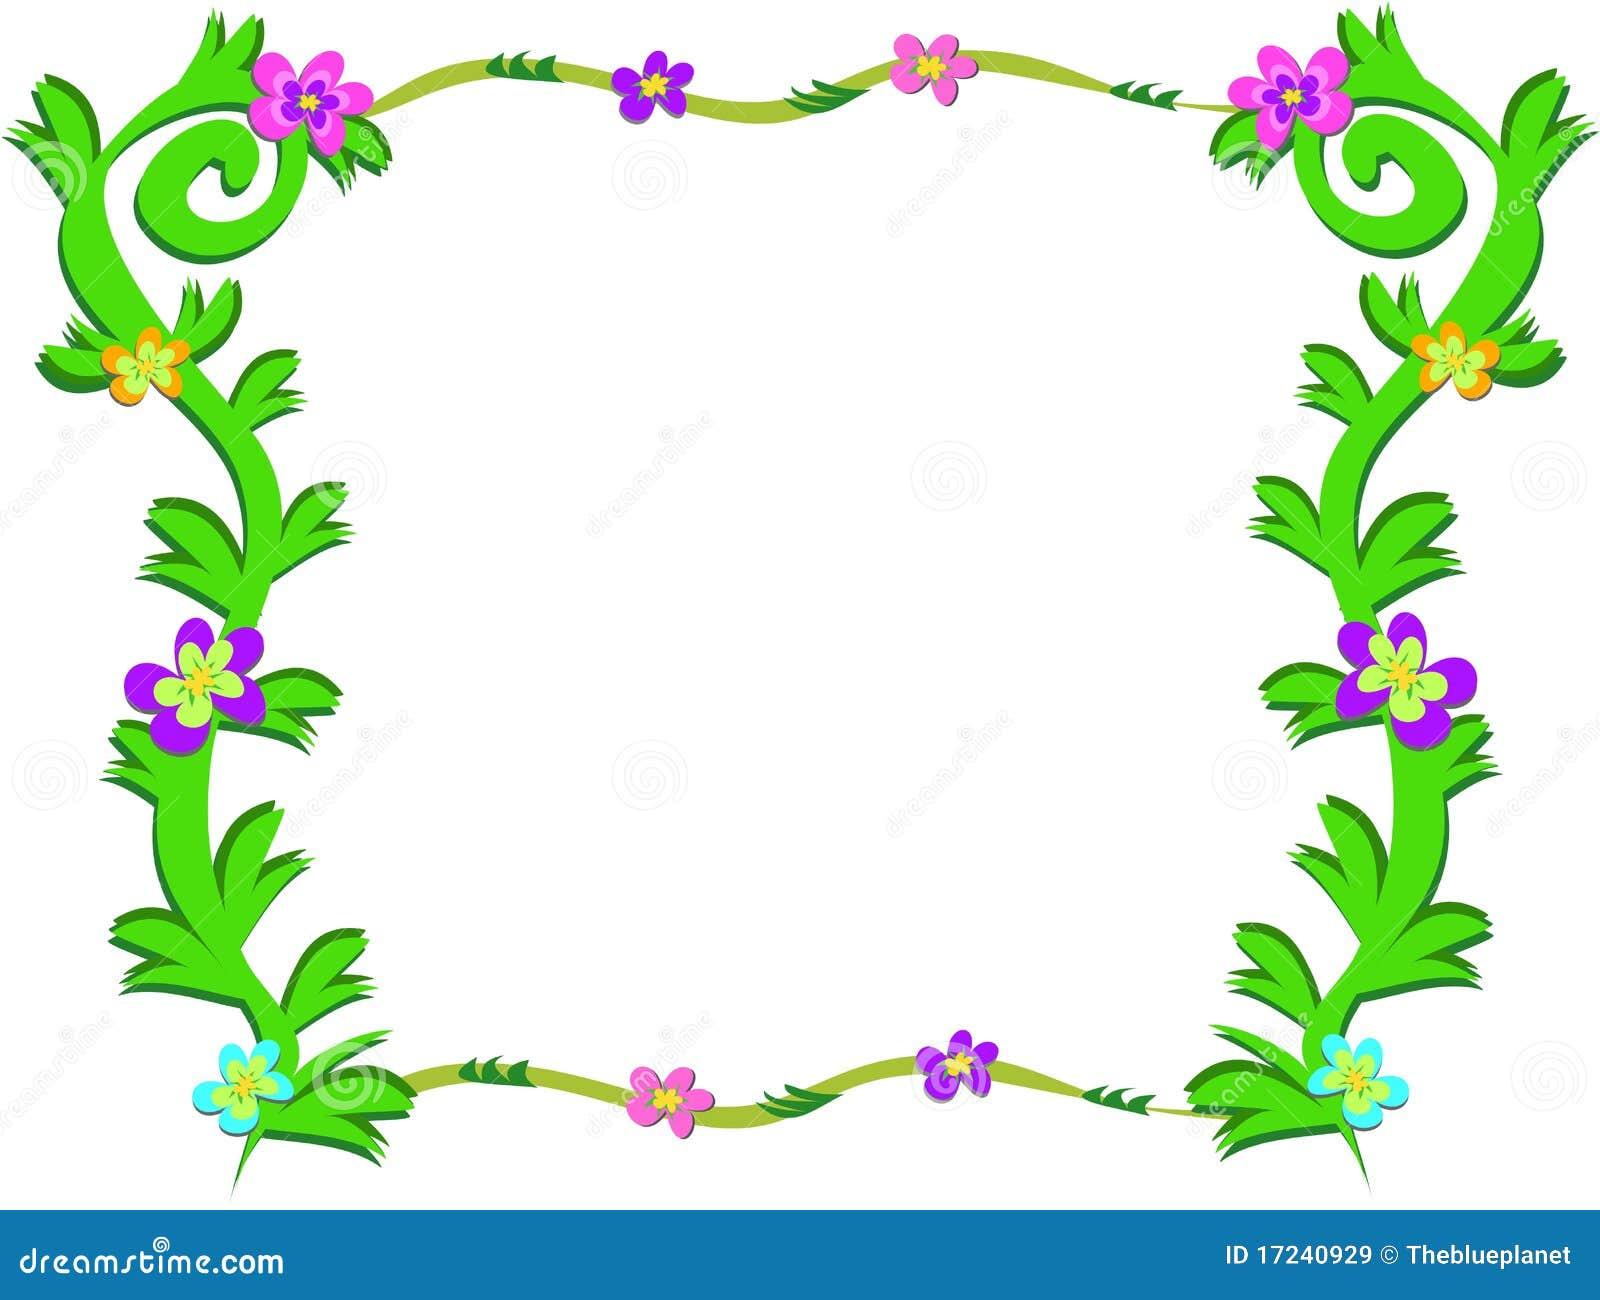 Marco de plantas verdes y de flores coloridas im genes de - Marcos para plantas ...